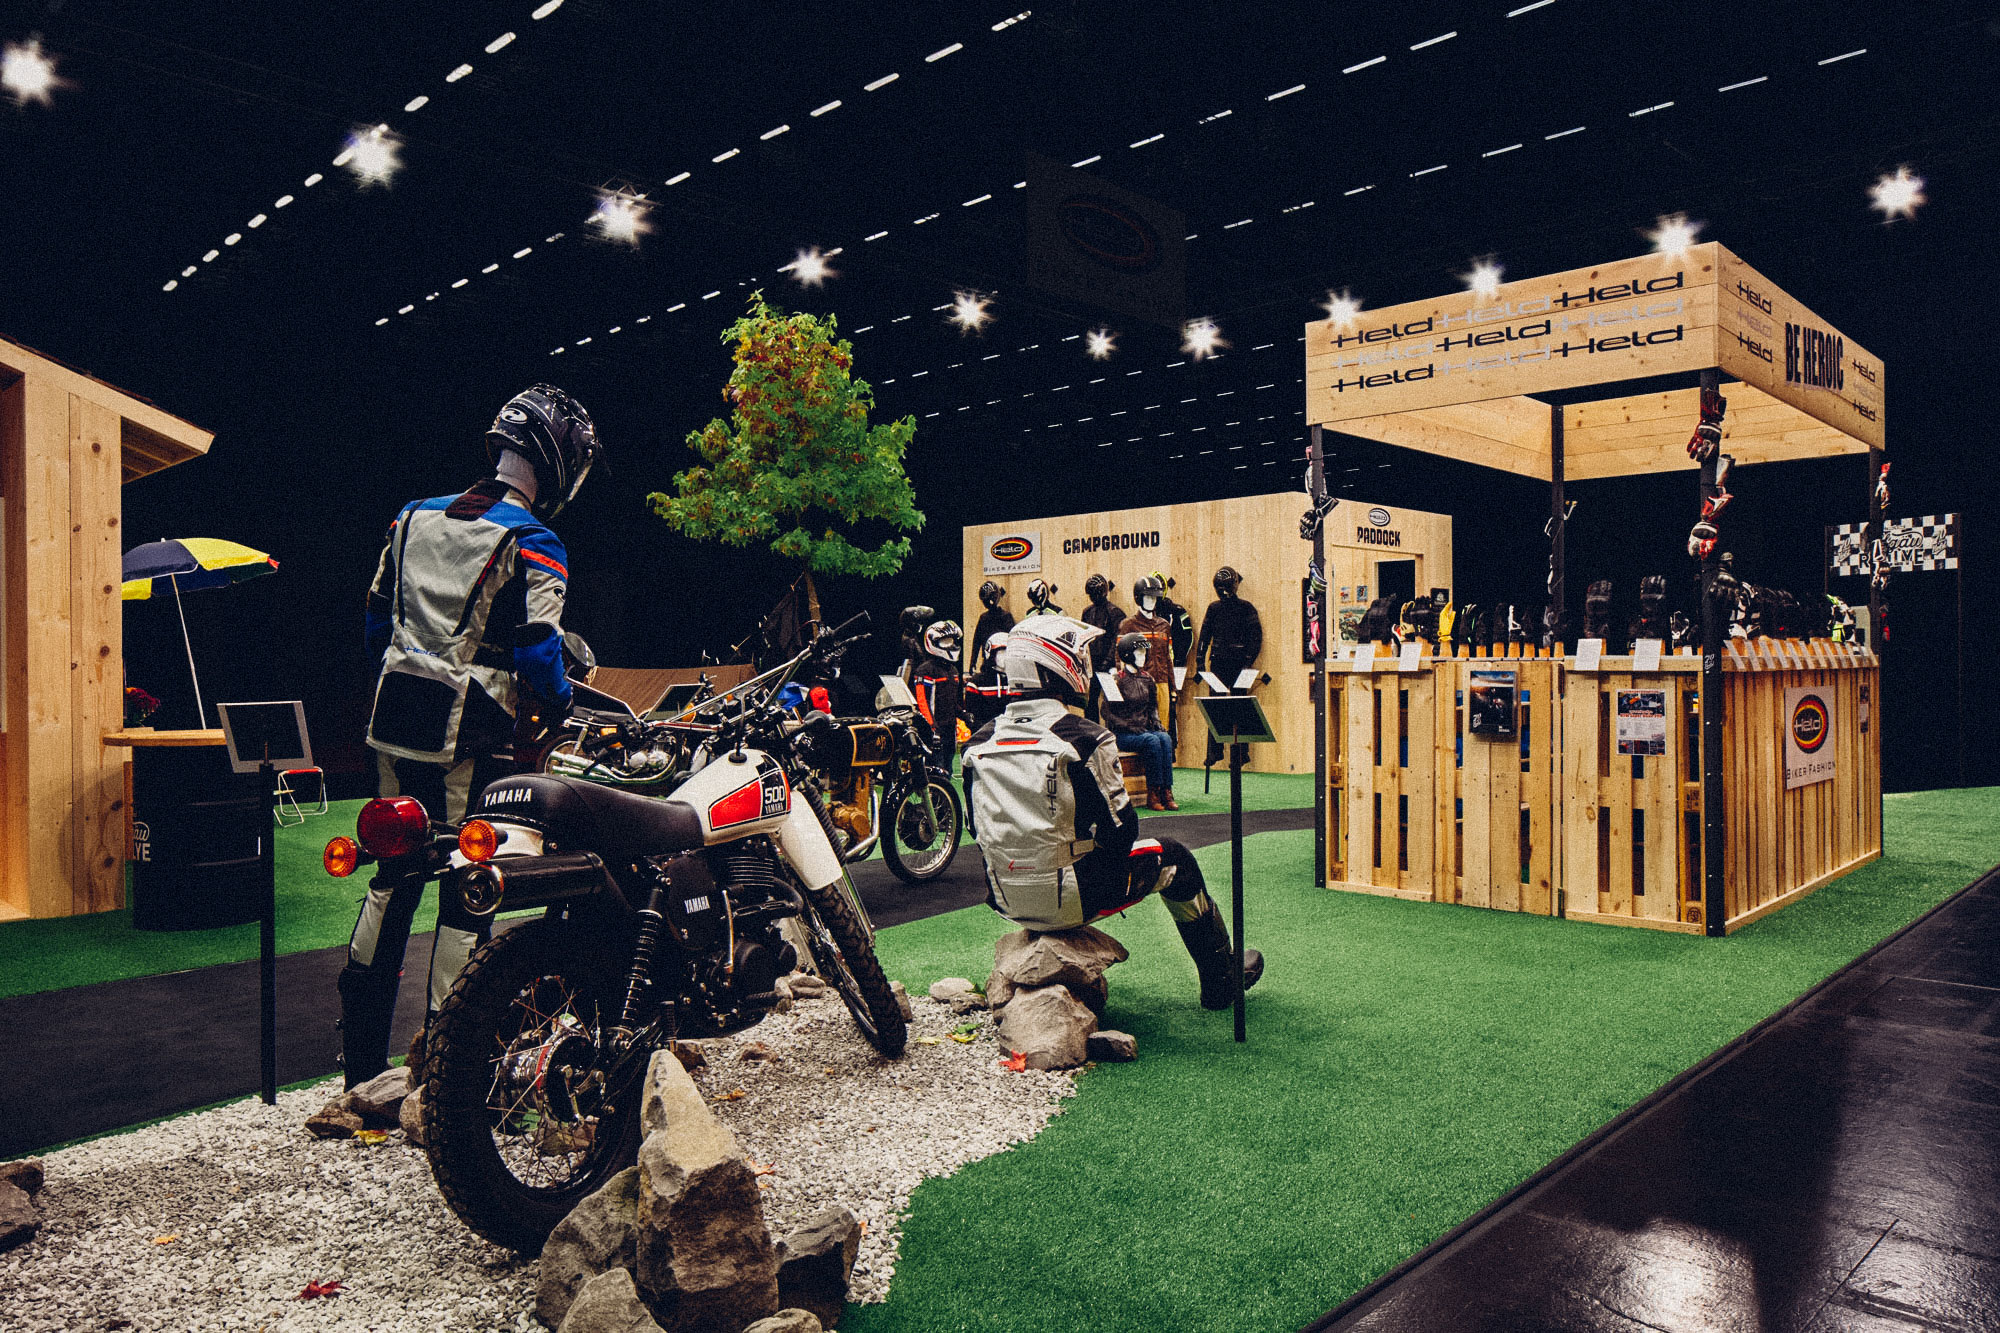 Ein Foto des 70-Jahre-Held-Messestandes aus Dreiviertel-Perspektive. Im Vordergrund die Kult-Enduro Yamaha XT 500 auf echter Schotterpiste stehend. Dahinter Paddock und Merch-Stand. Konzept und Design sind von MAJORMAJOR.